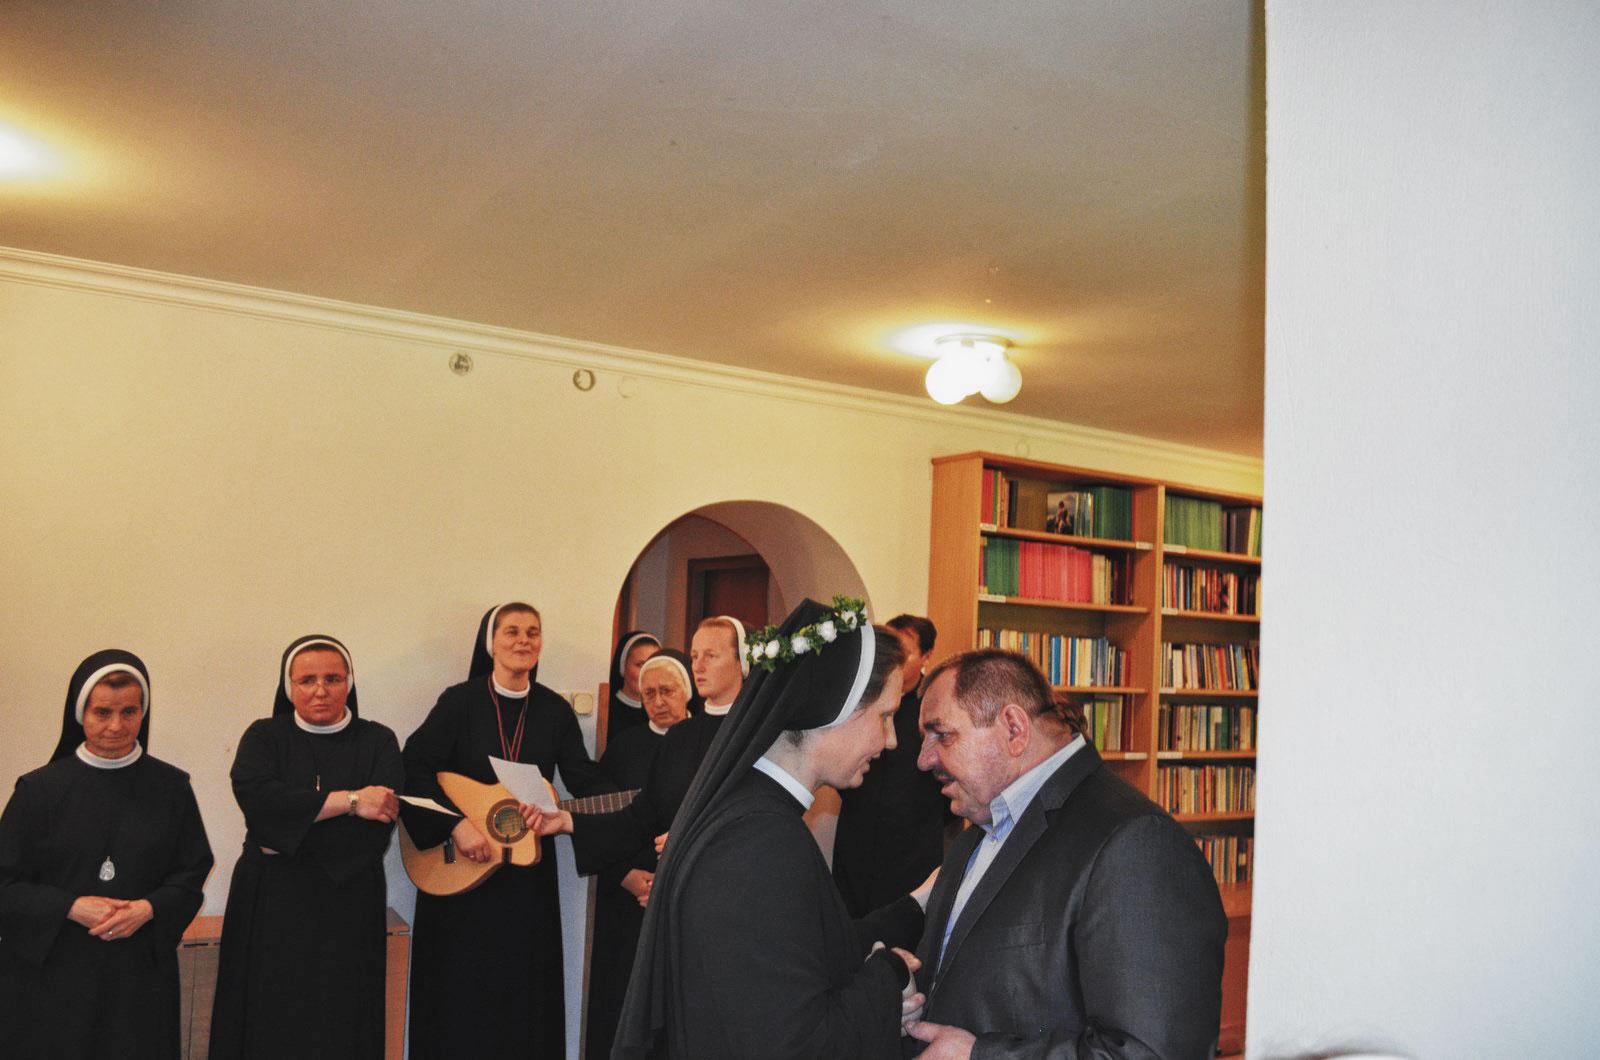 Sióstr_św_Elżbiety-Pierwsze_Śluby_fotorelacja-I-SLUBY-DSC_0627-min.jpg